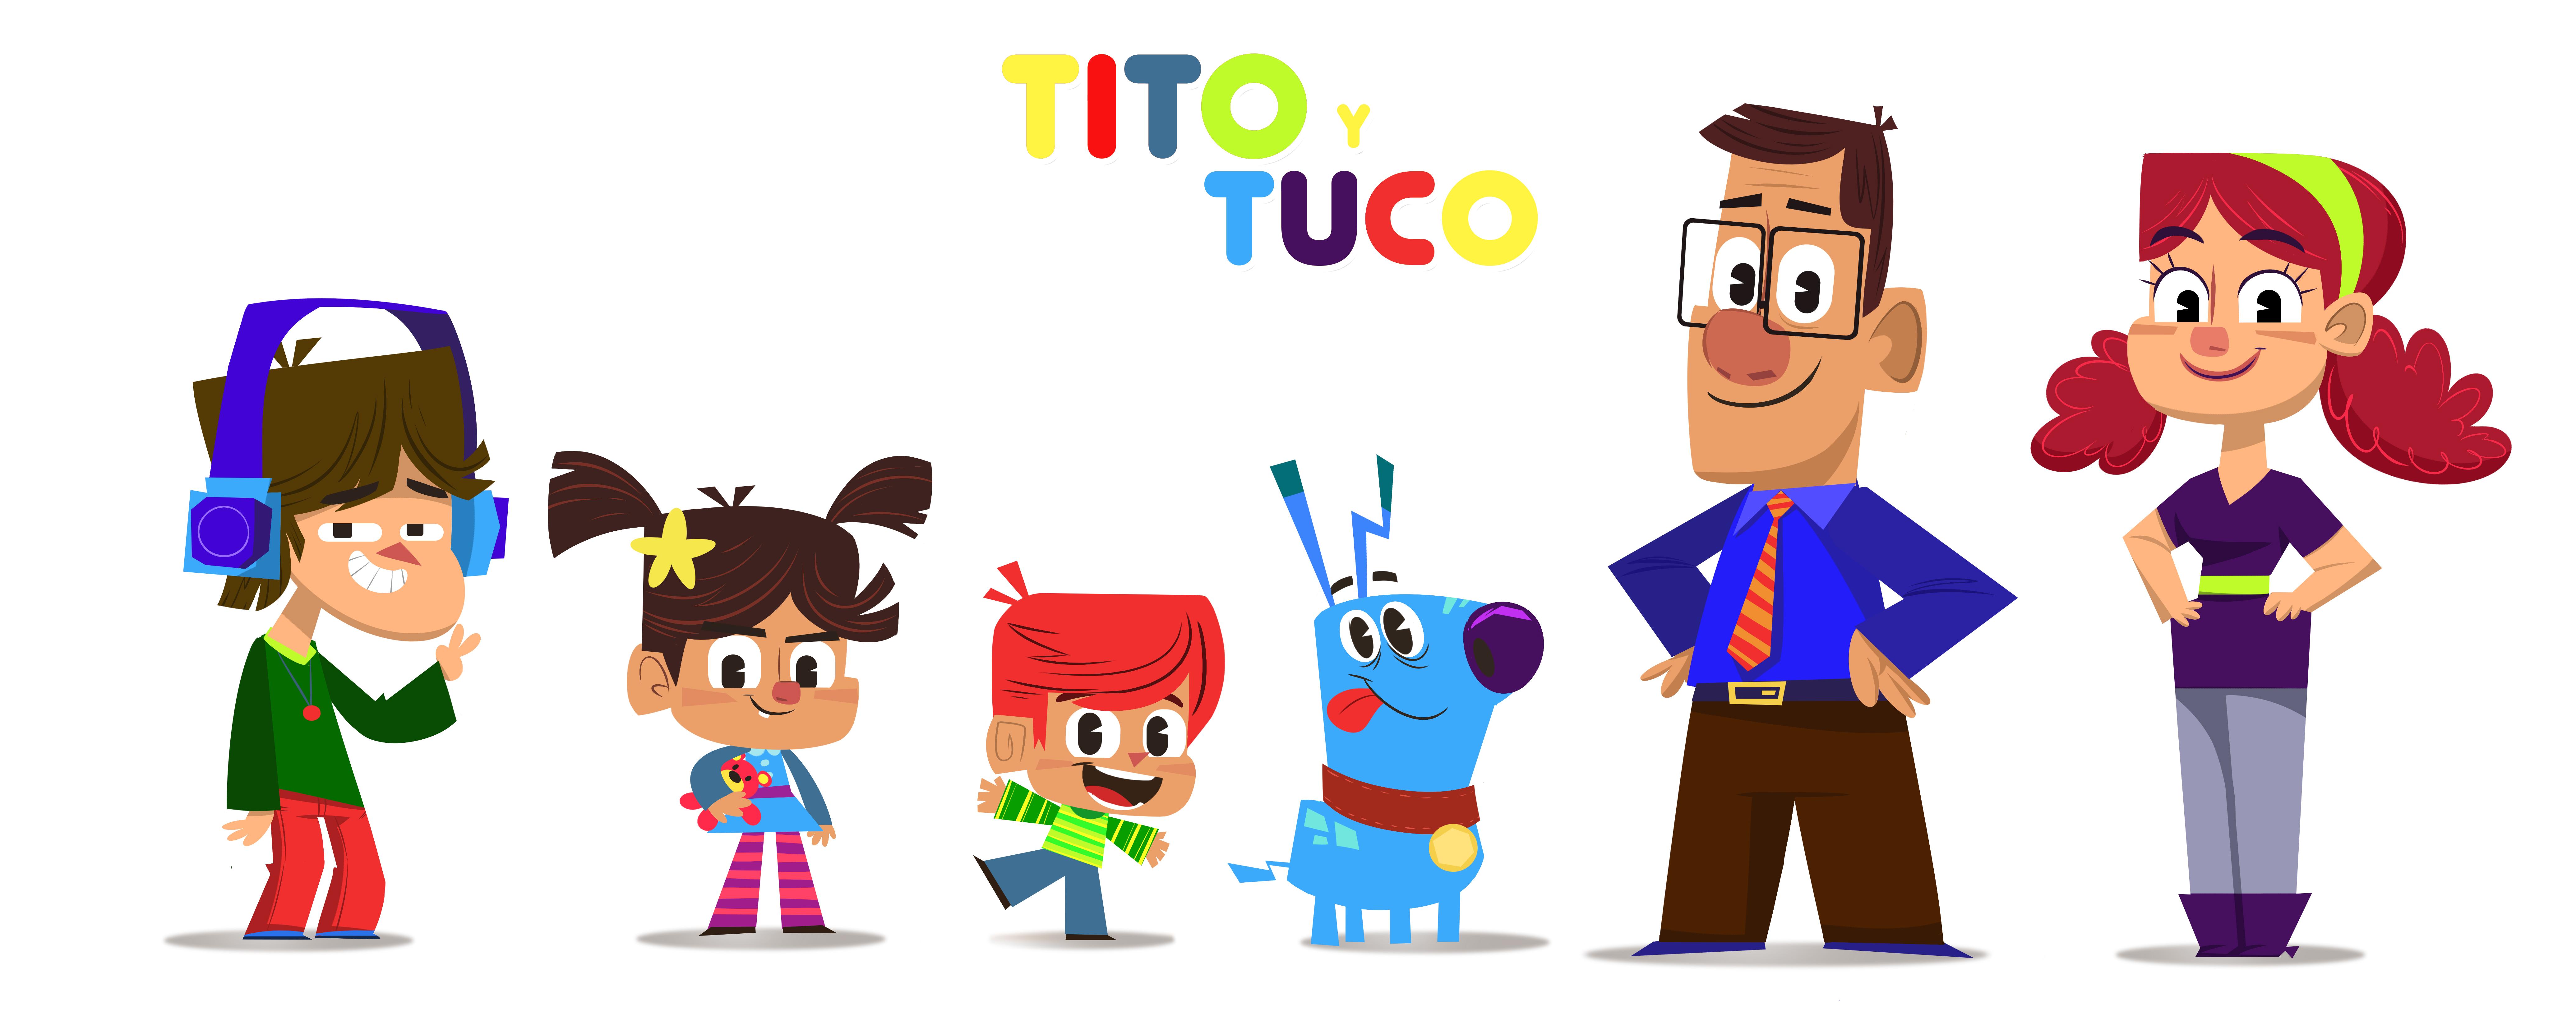 PERSONAJES  - TITO Y TUCO